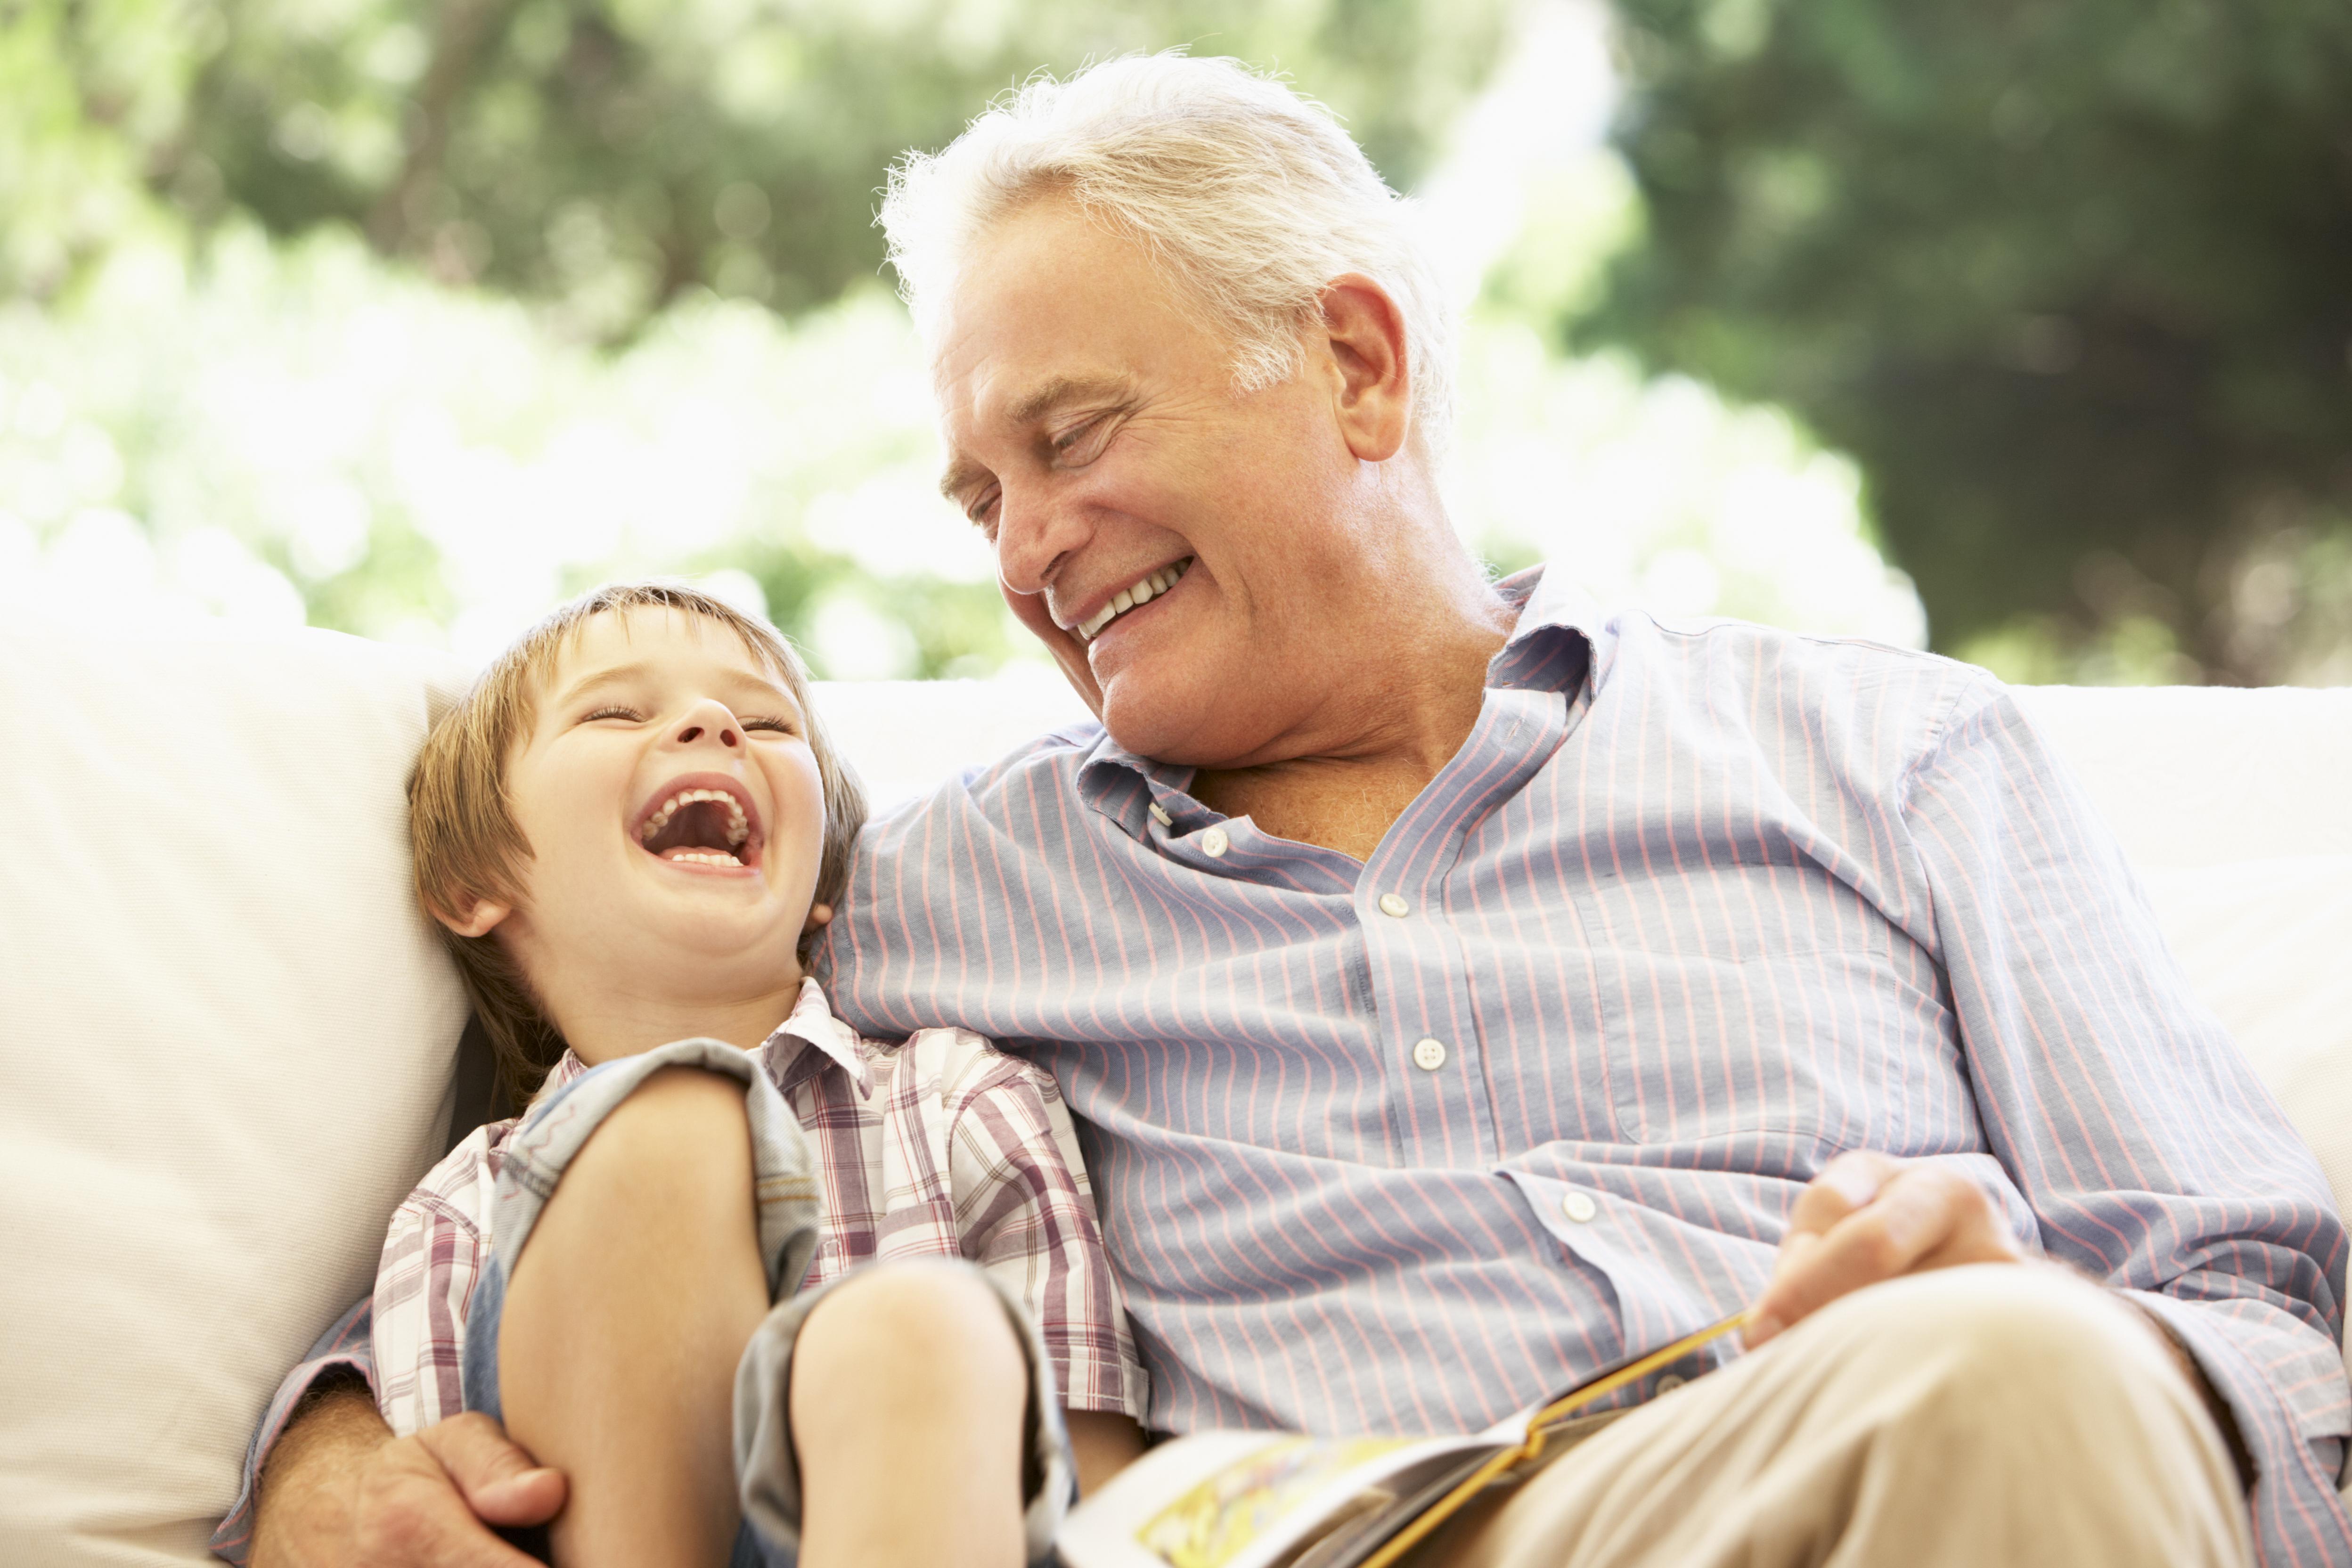 Skratt har en positiv inverkan på oss människor, både mentalt och fysiskt.